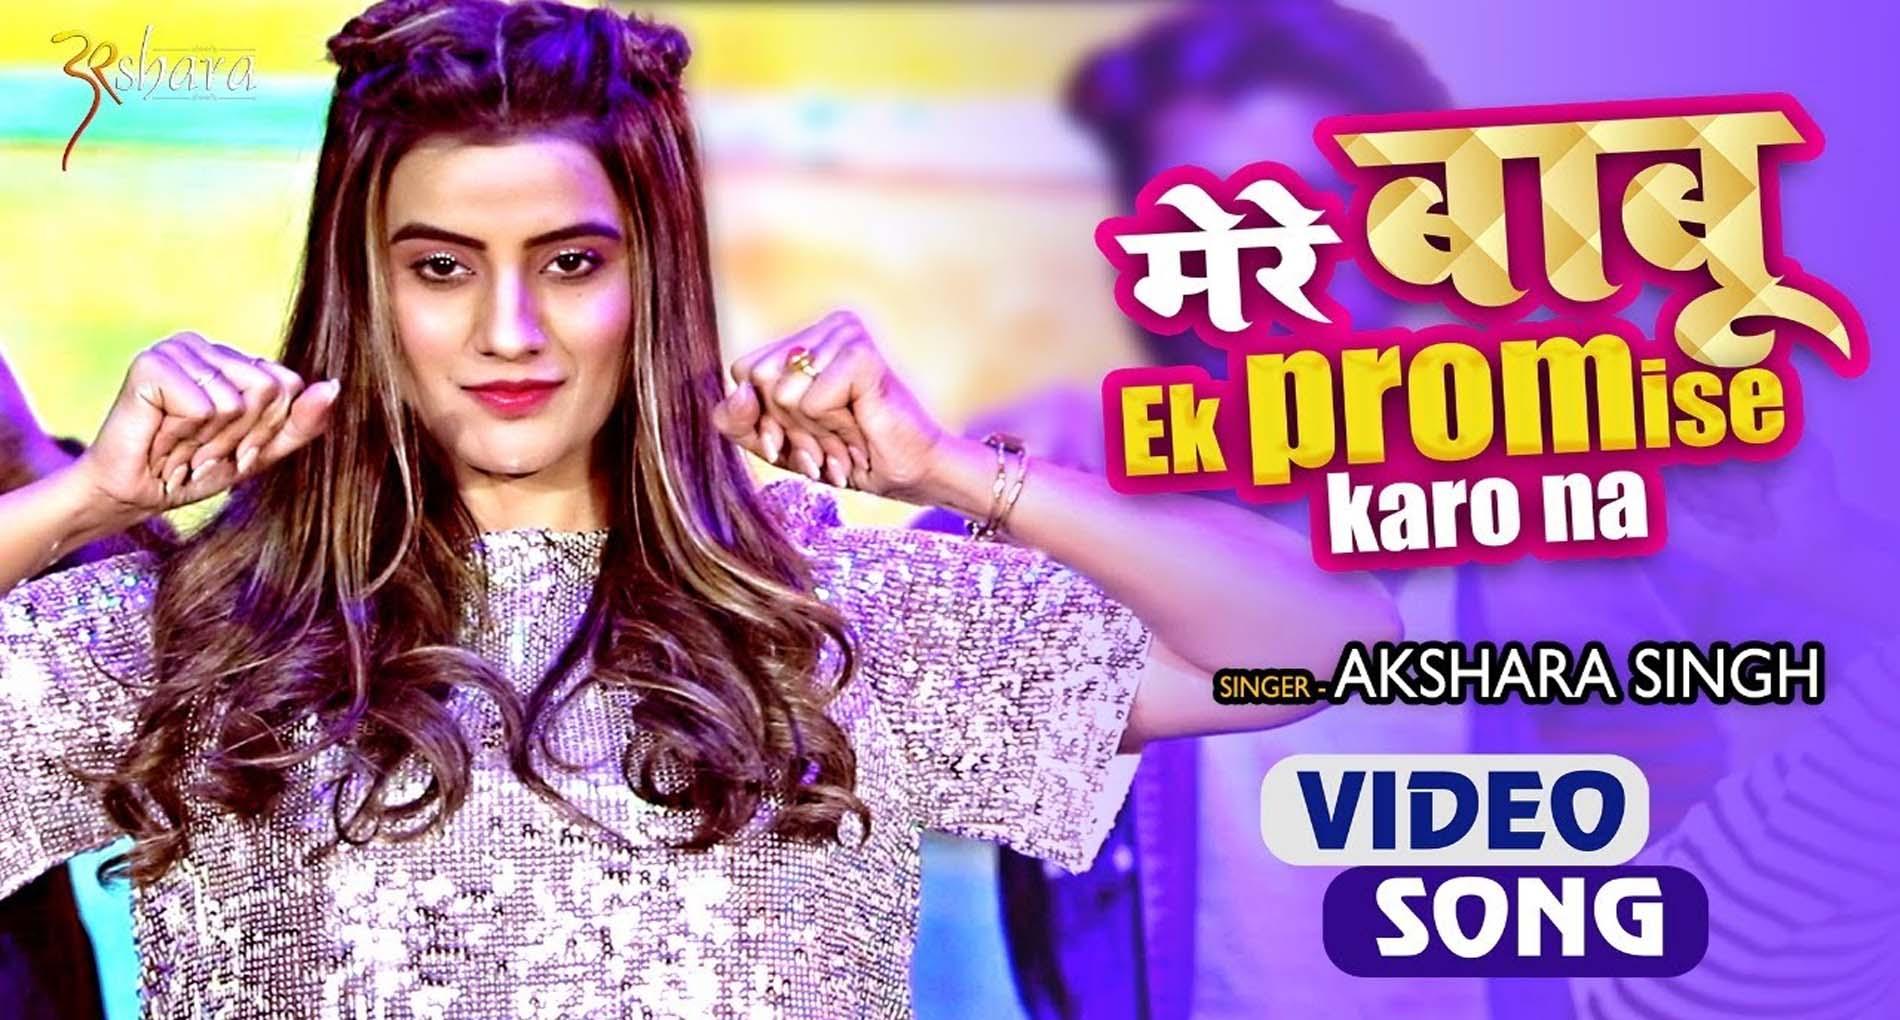 Akshara Singh Video Song: अक्षरा सिंह के गाने 'मेरे बाबू प्रॉमिस करो ना' ने उड़ाया गर्दा! देखें वीडियो